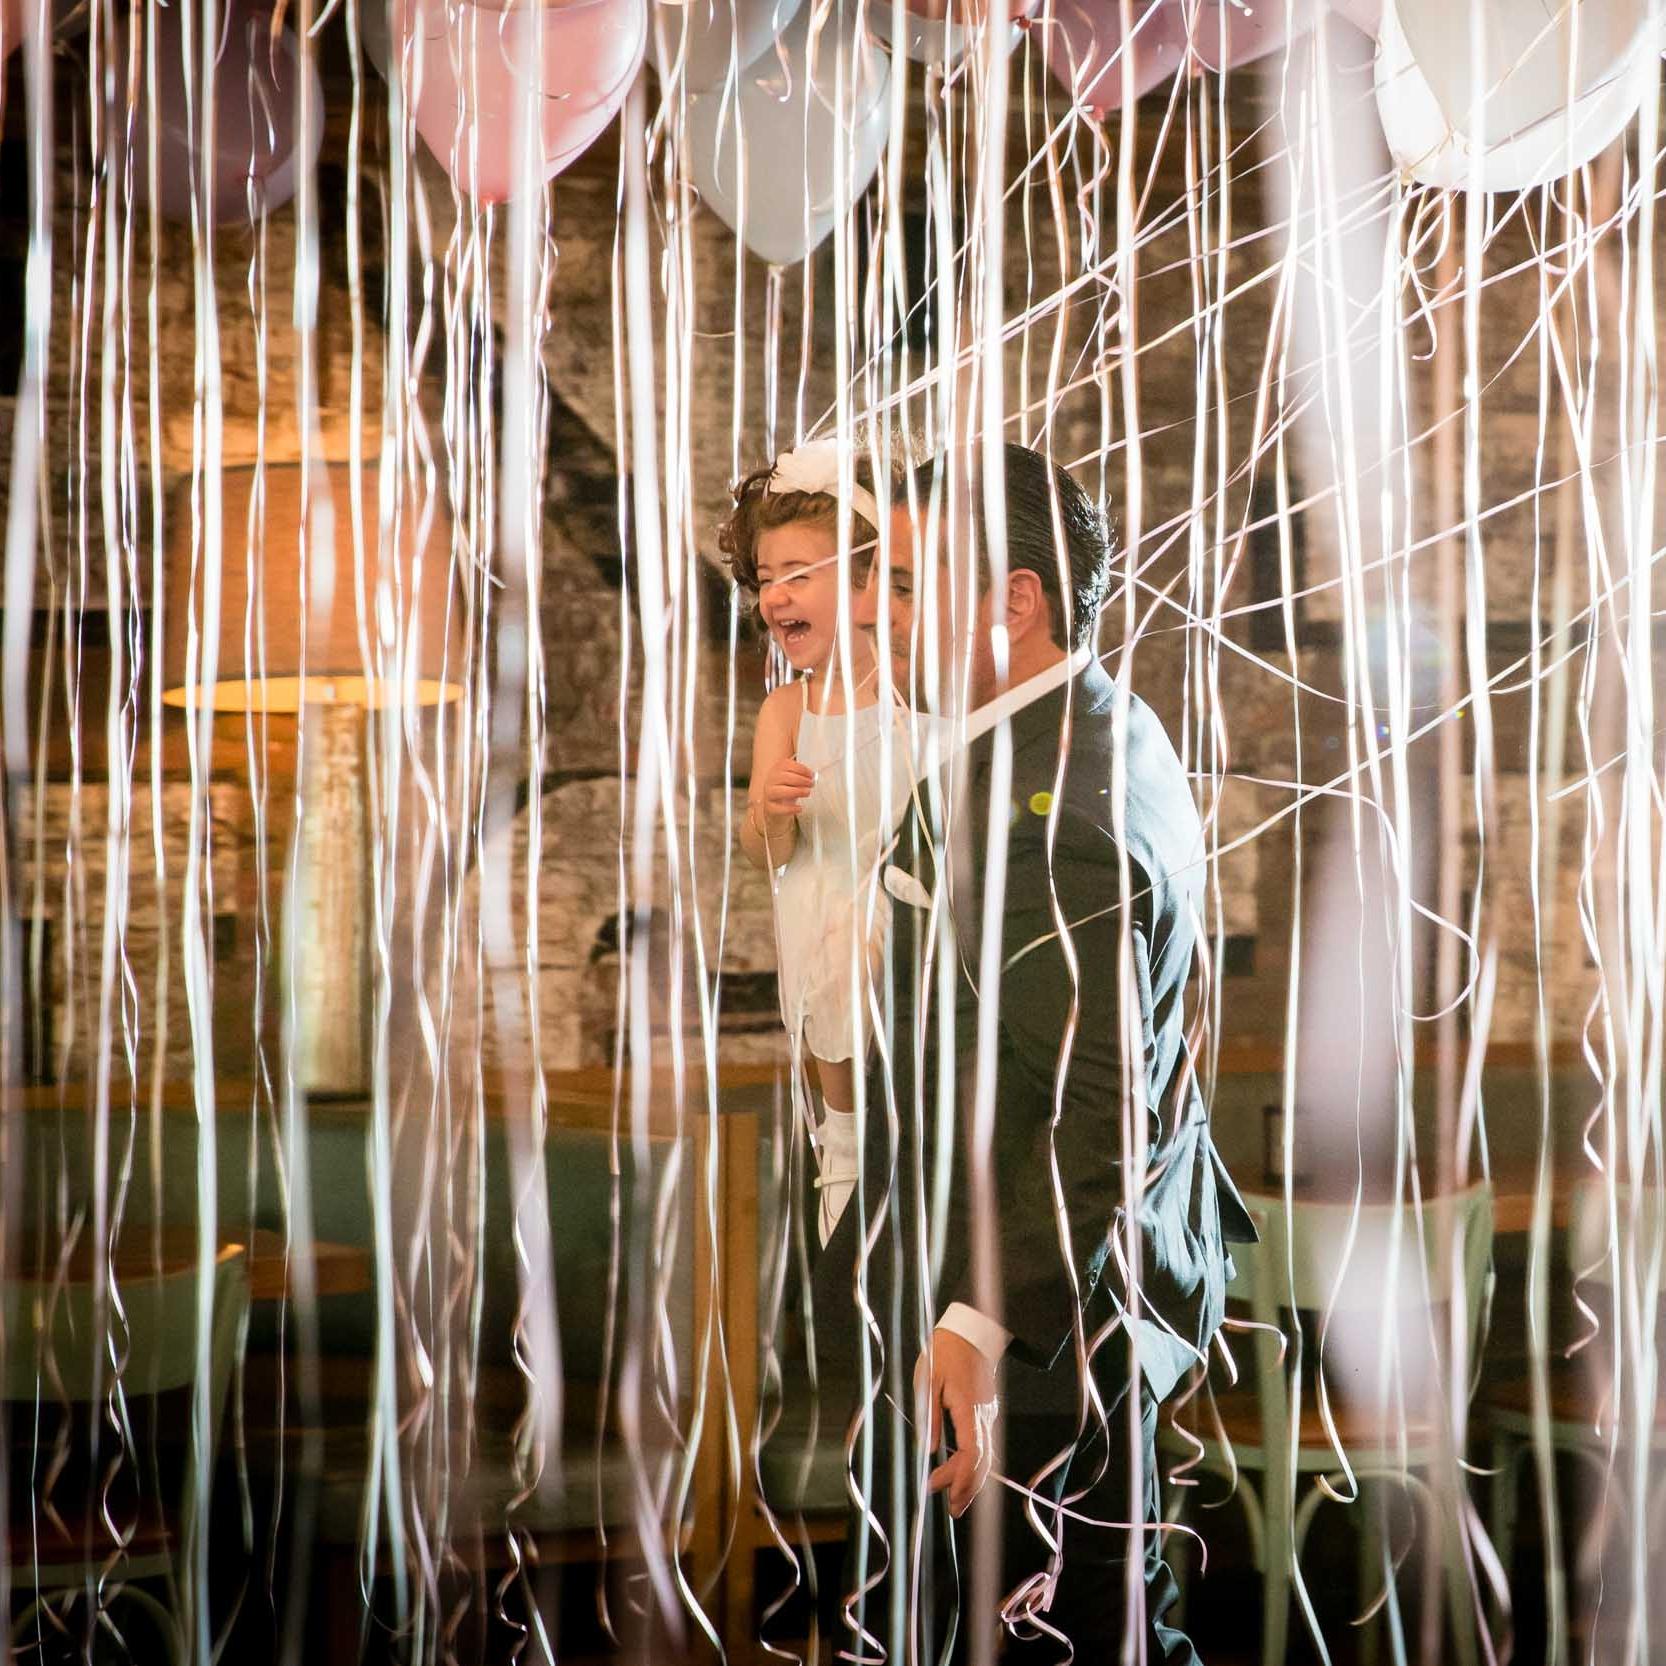 BIRTHDAY PARTY - FIRST BIRTHDAY CELEBRATION AT CATCH 22 RESTAURANT IN CHELSEA, MANHATTAN